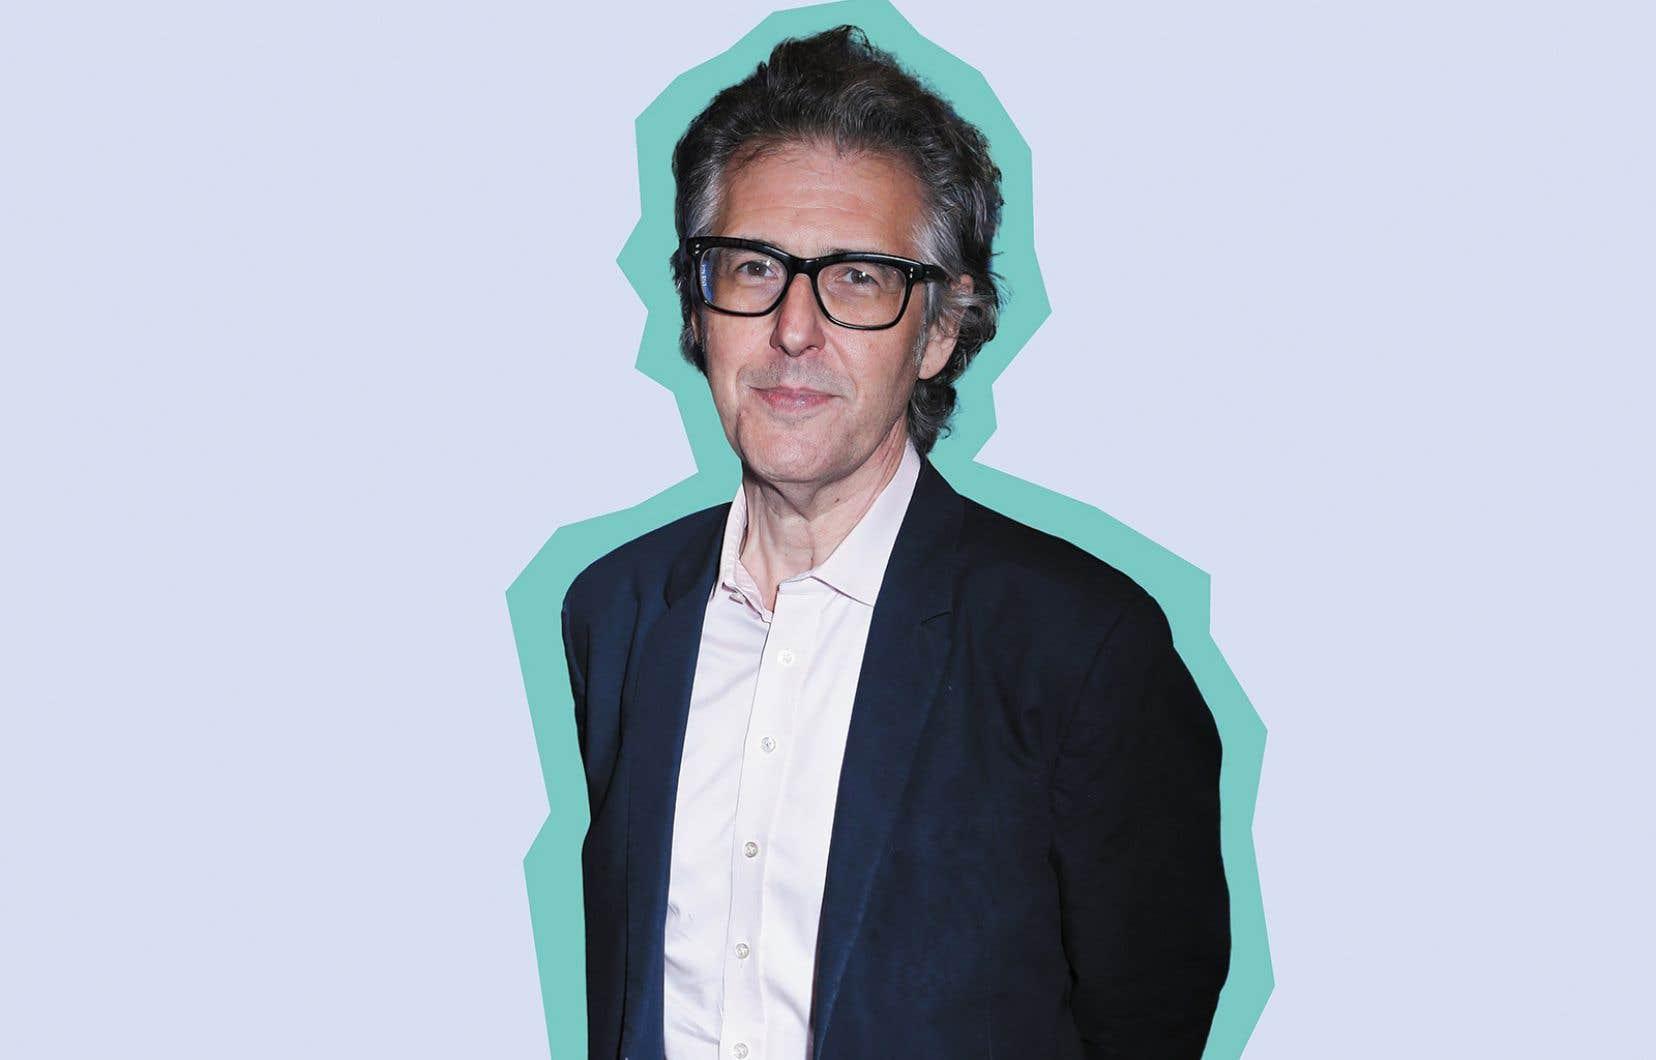 Avec <em>This American Life</em>, l'animateur Ira Glass a déclenché une révolution dans le milieu de l'audio.